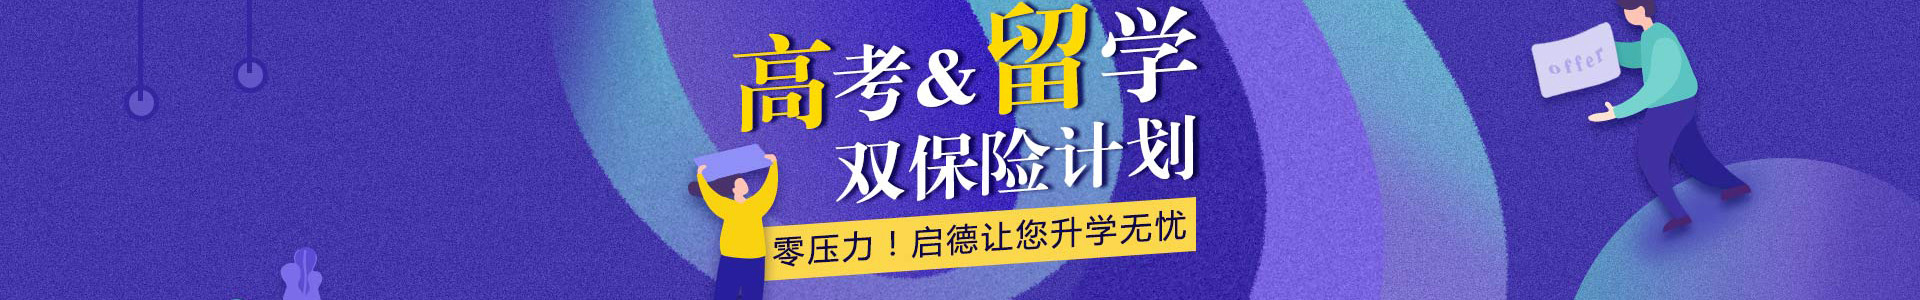 南昌启德留学服务机构